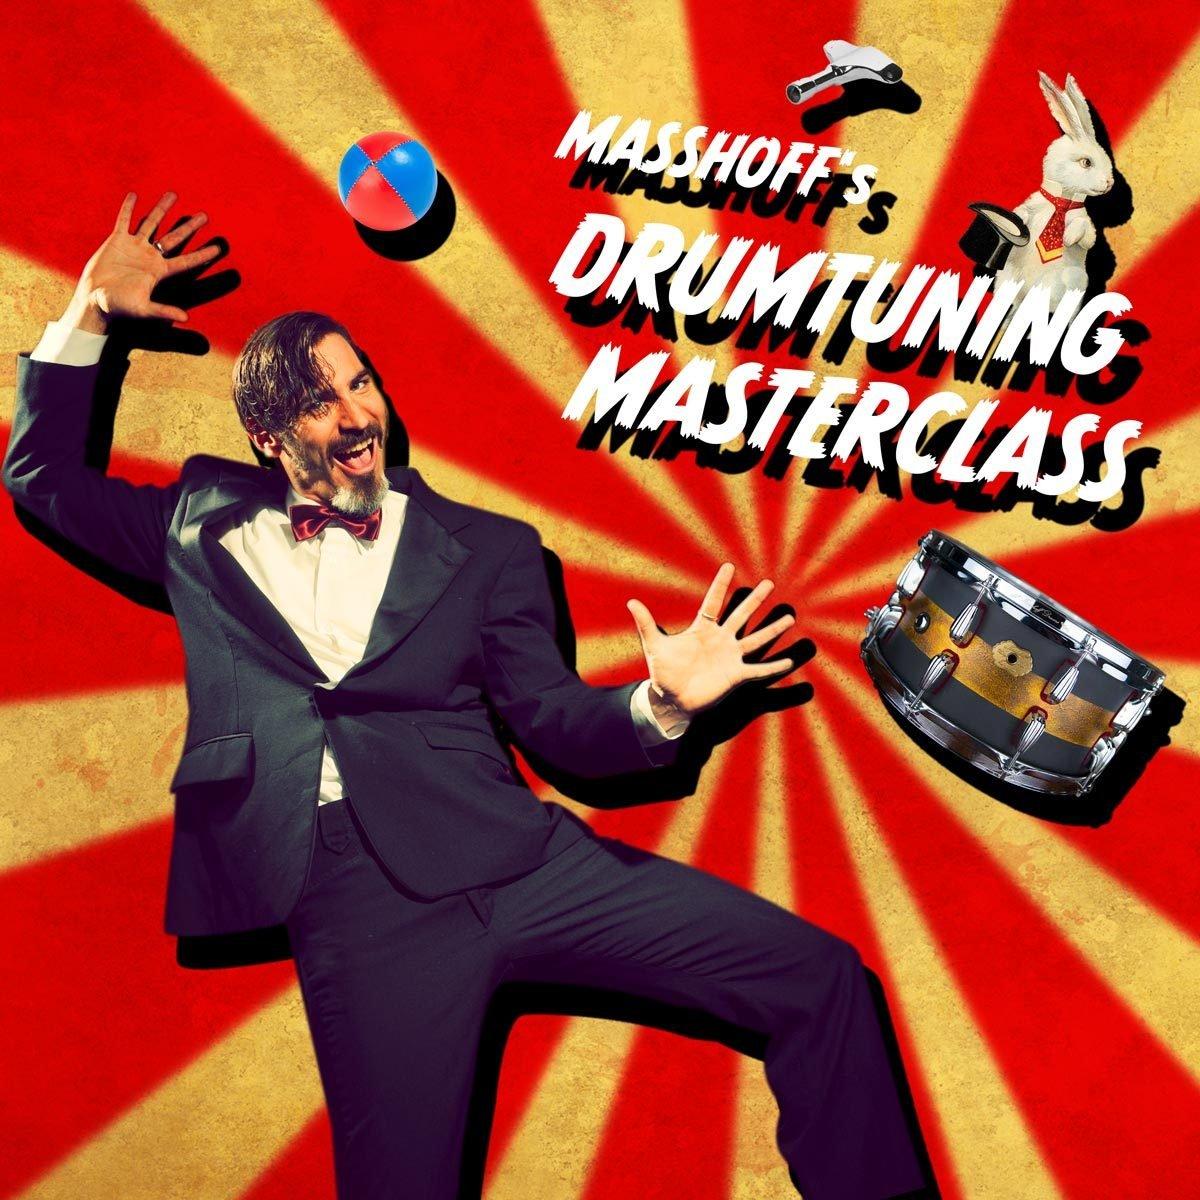 Drumtuning Masterclass Workshops (Deutschland)